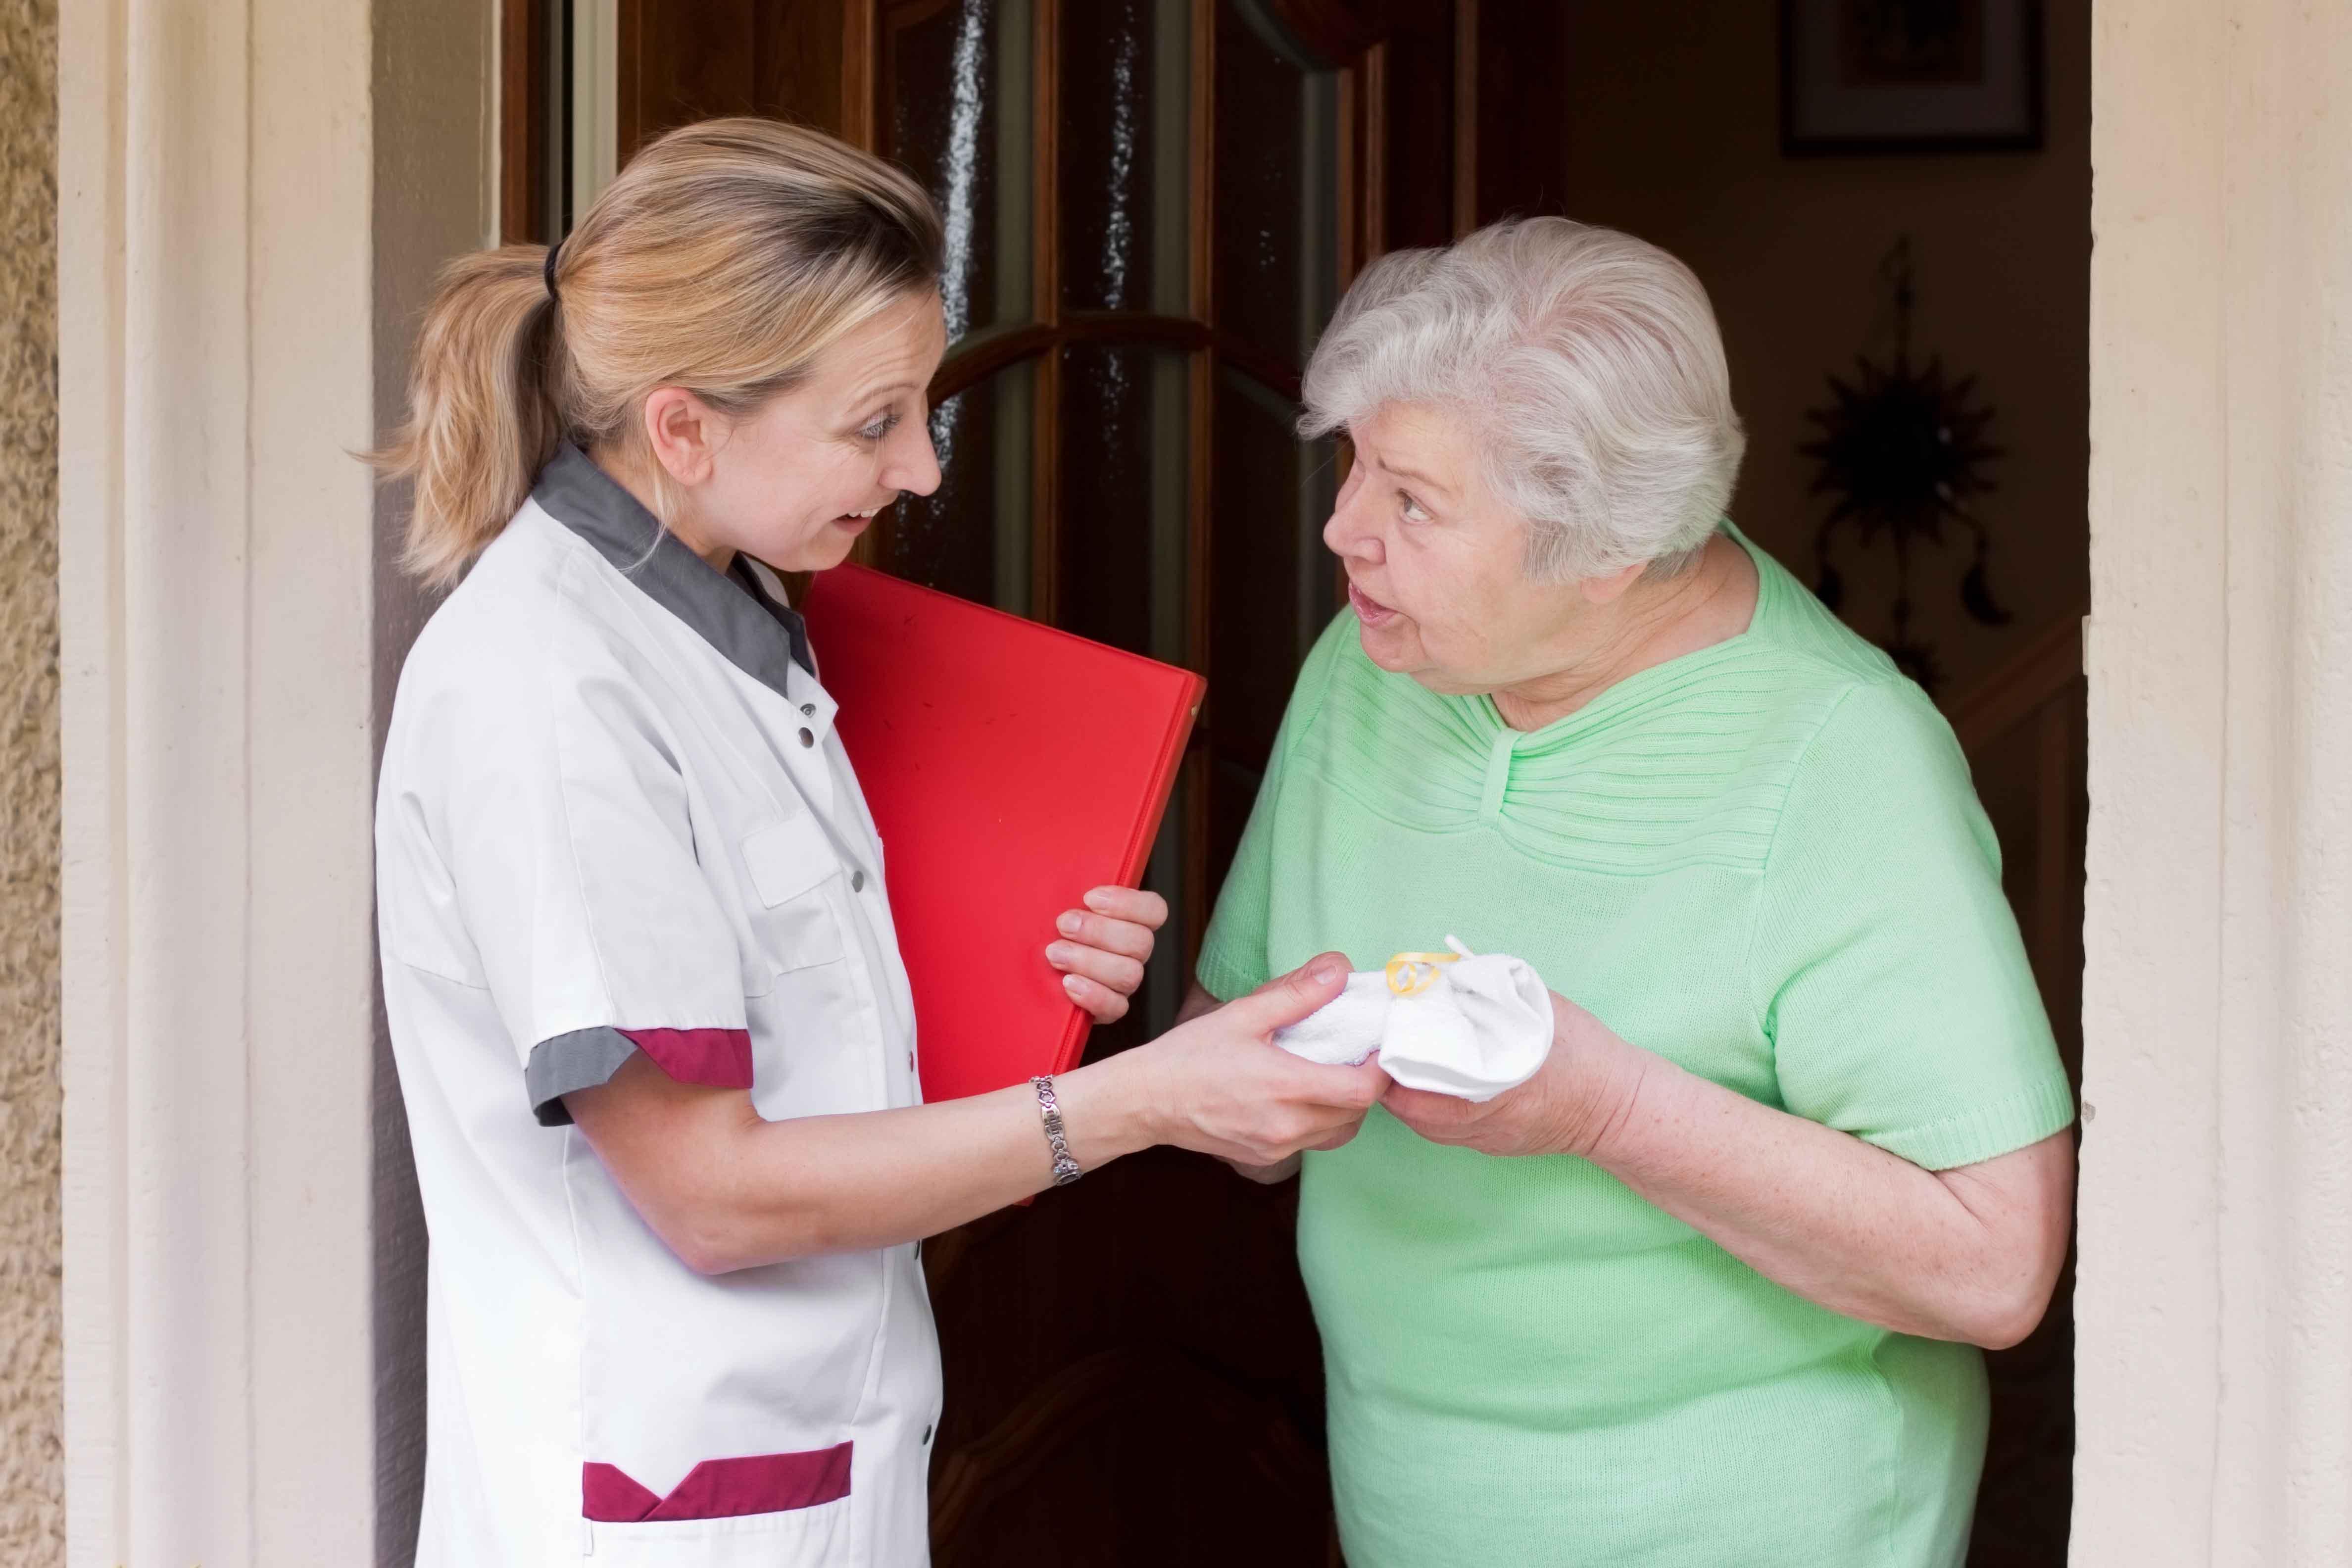 Auxiliar saludando a persona mayor